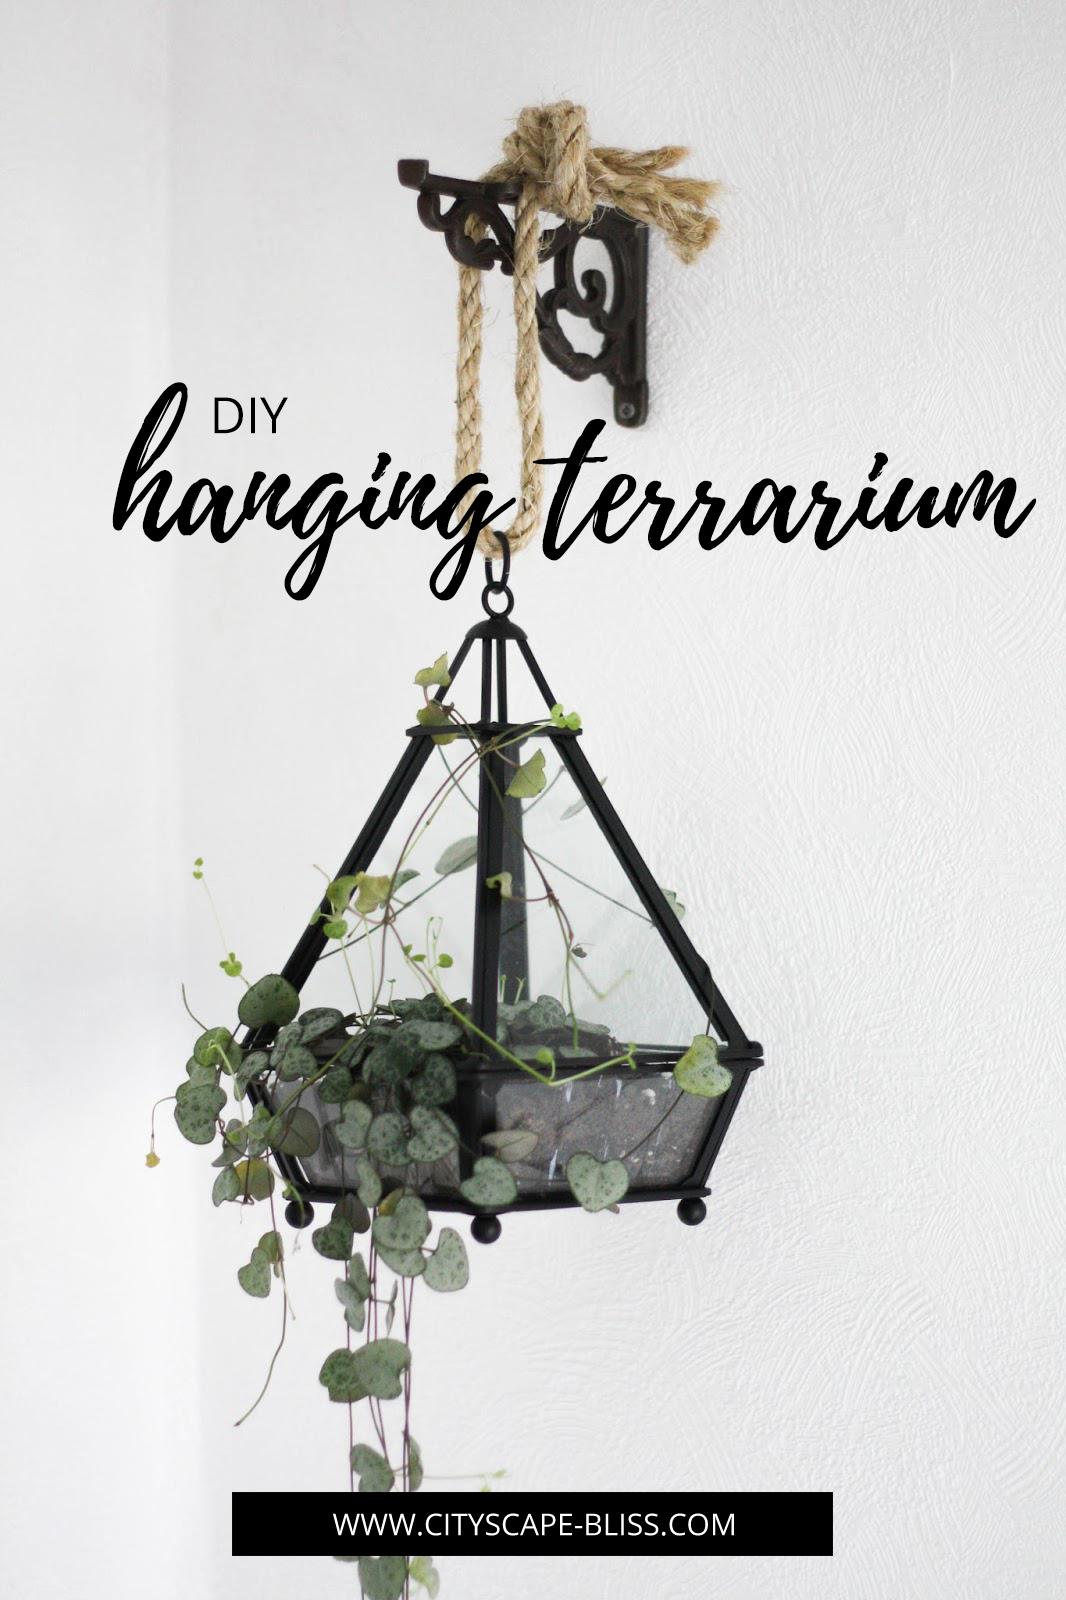 DIY Hanging terrarium